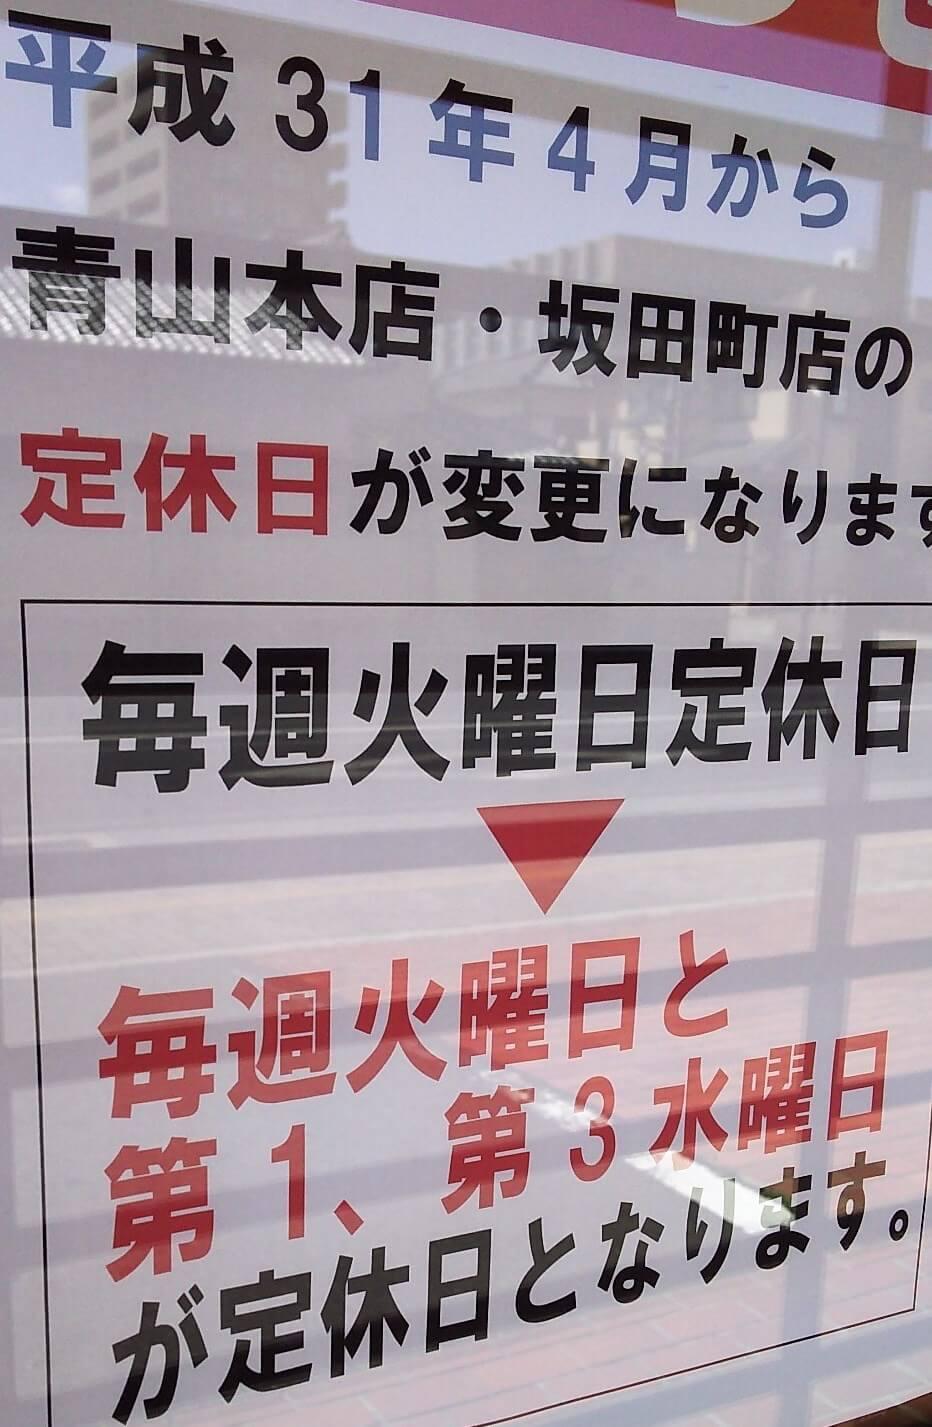 青山本店・坂田店:定休日変更のお知らせ:毎週火曜から、毎週火曜と第1・第3水曜日